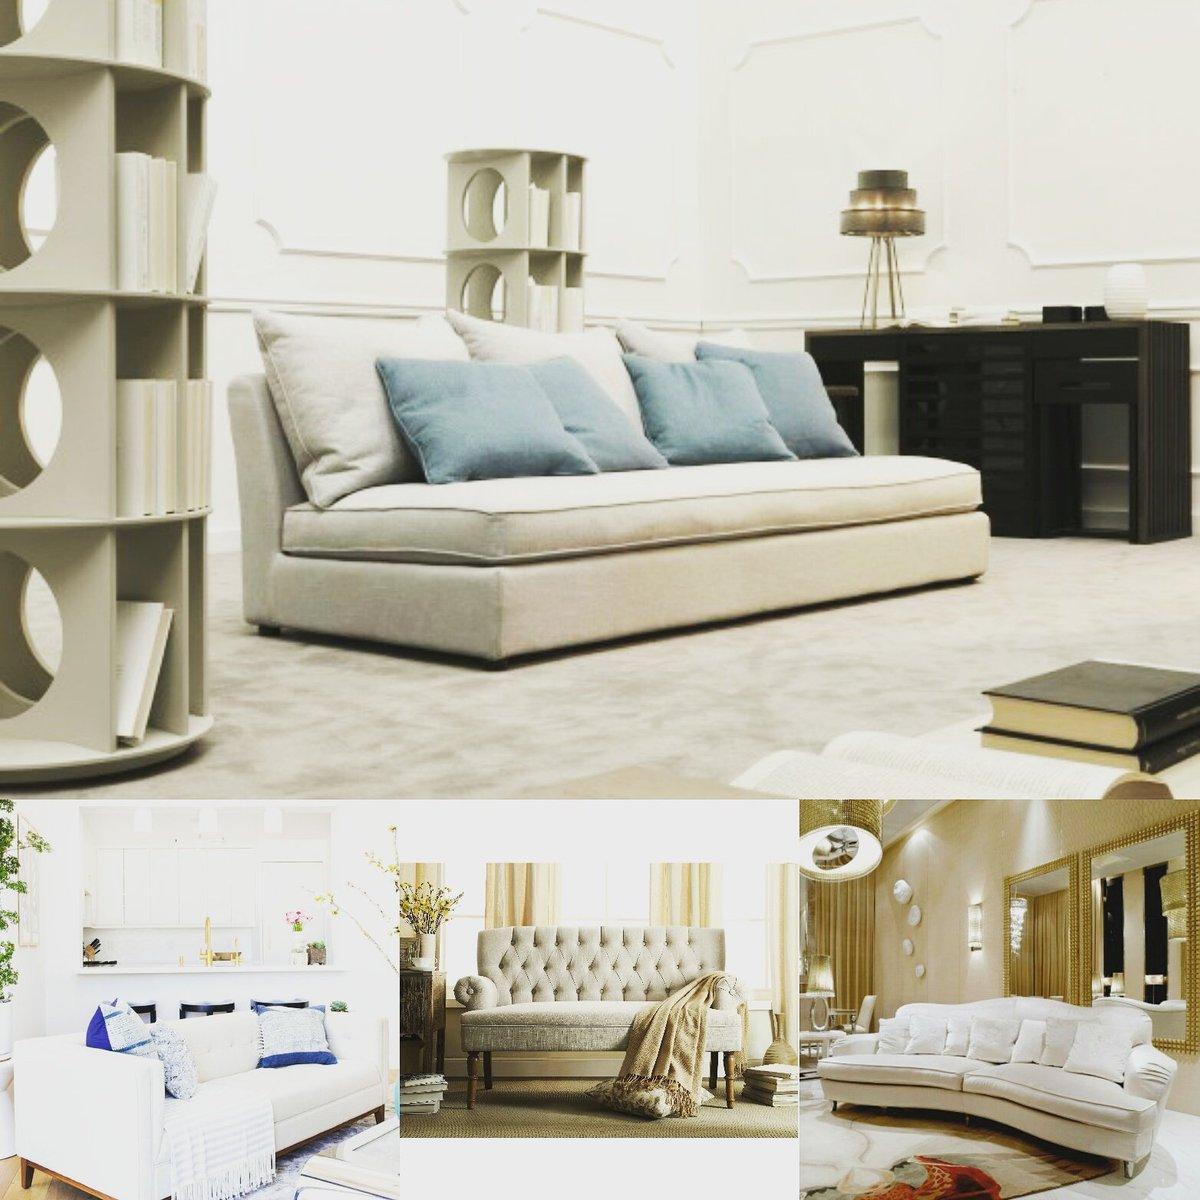 Nilda House On Twitter Las Mejores Salas De Estar Y Para Game  # Muebles Nilda House Quito